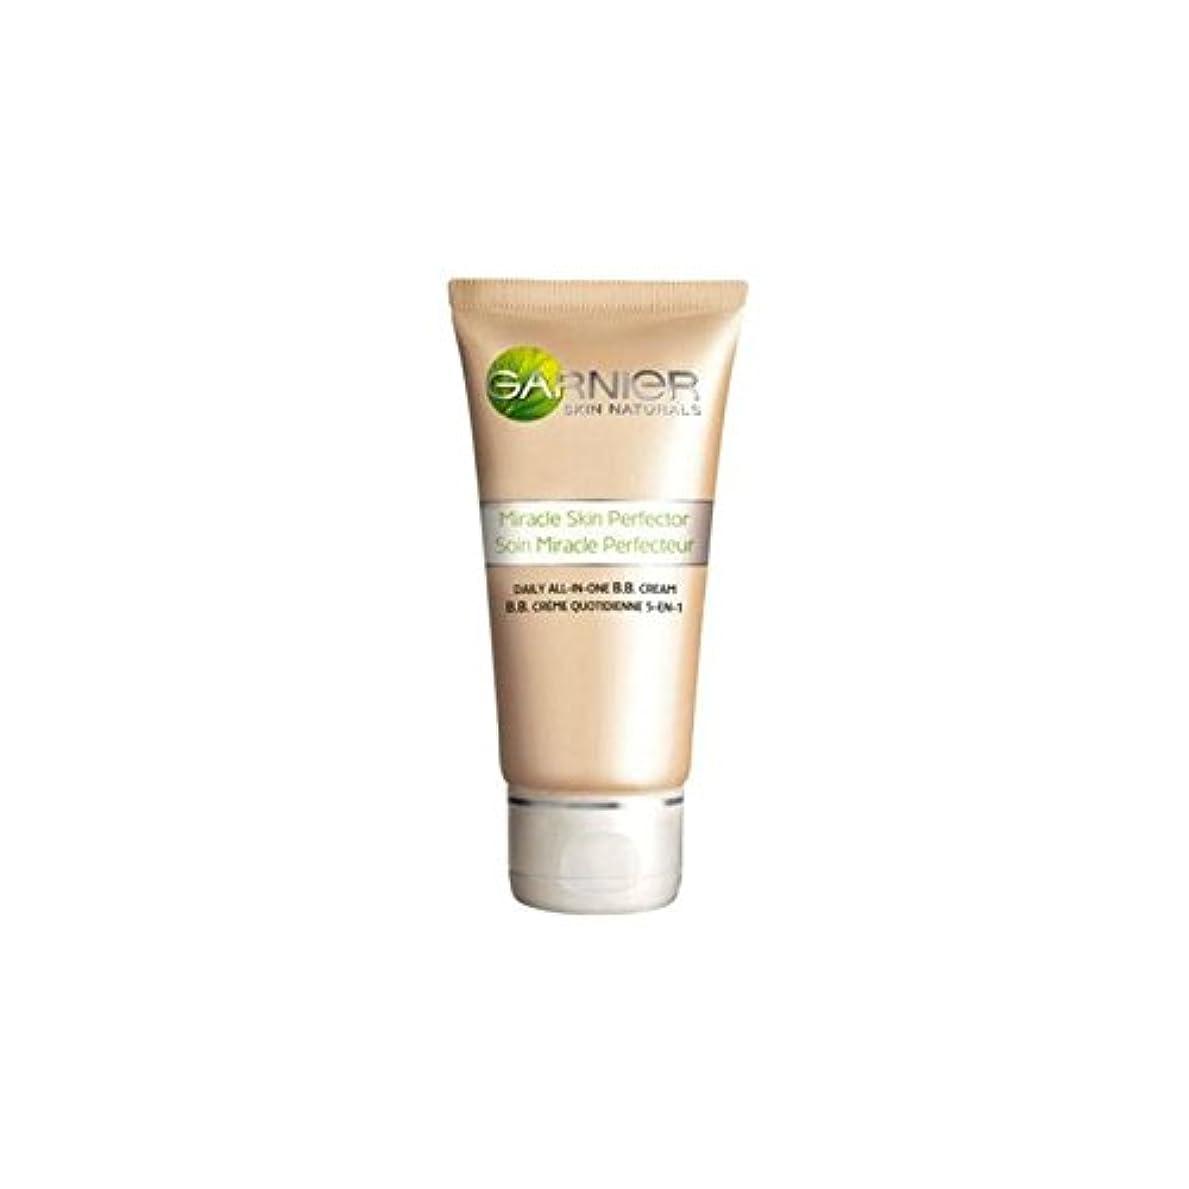 医療のカートリッジ起点Garnier Original Medium Bb Cream (50ml) (Pack of 6) - ガルニエオリジナル媒体クリーム(50)中 x6 [並行輸入品]